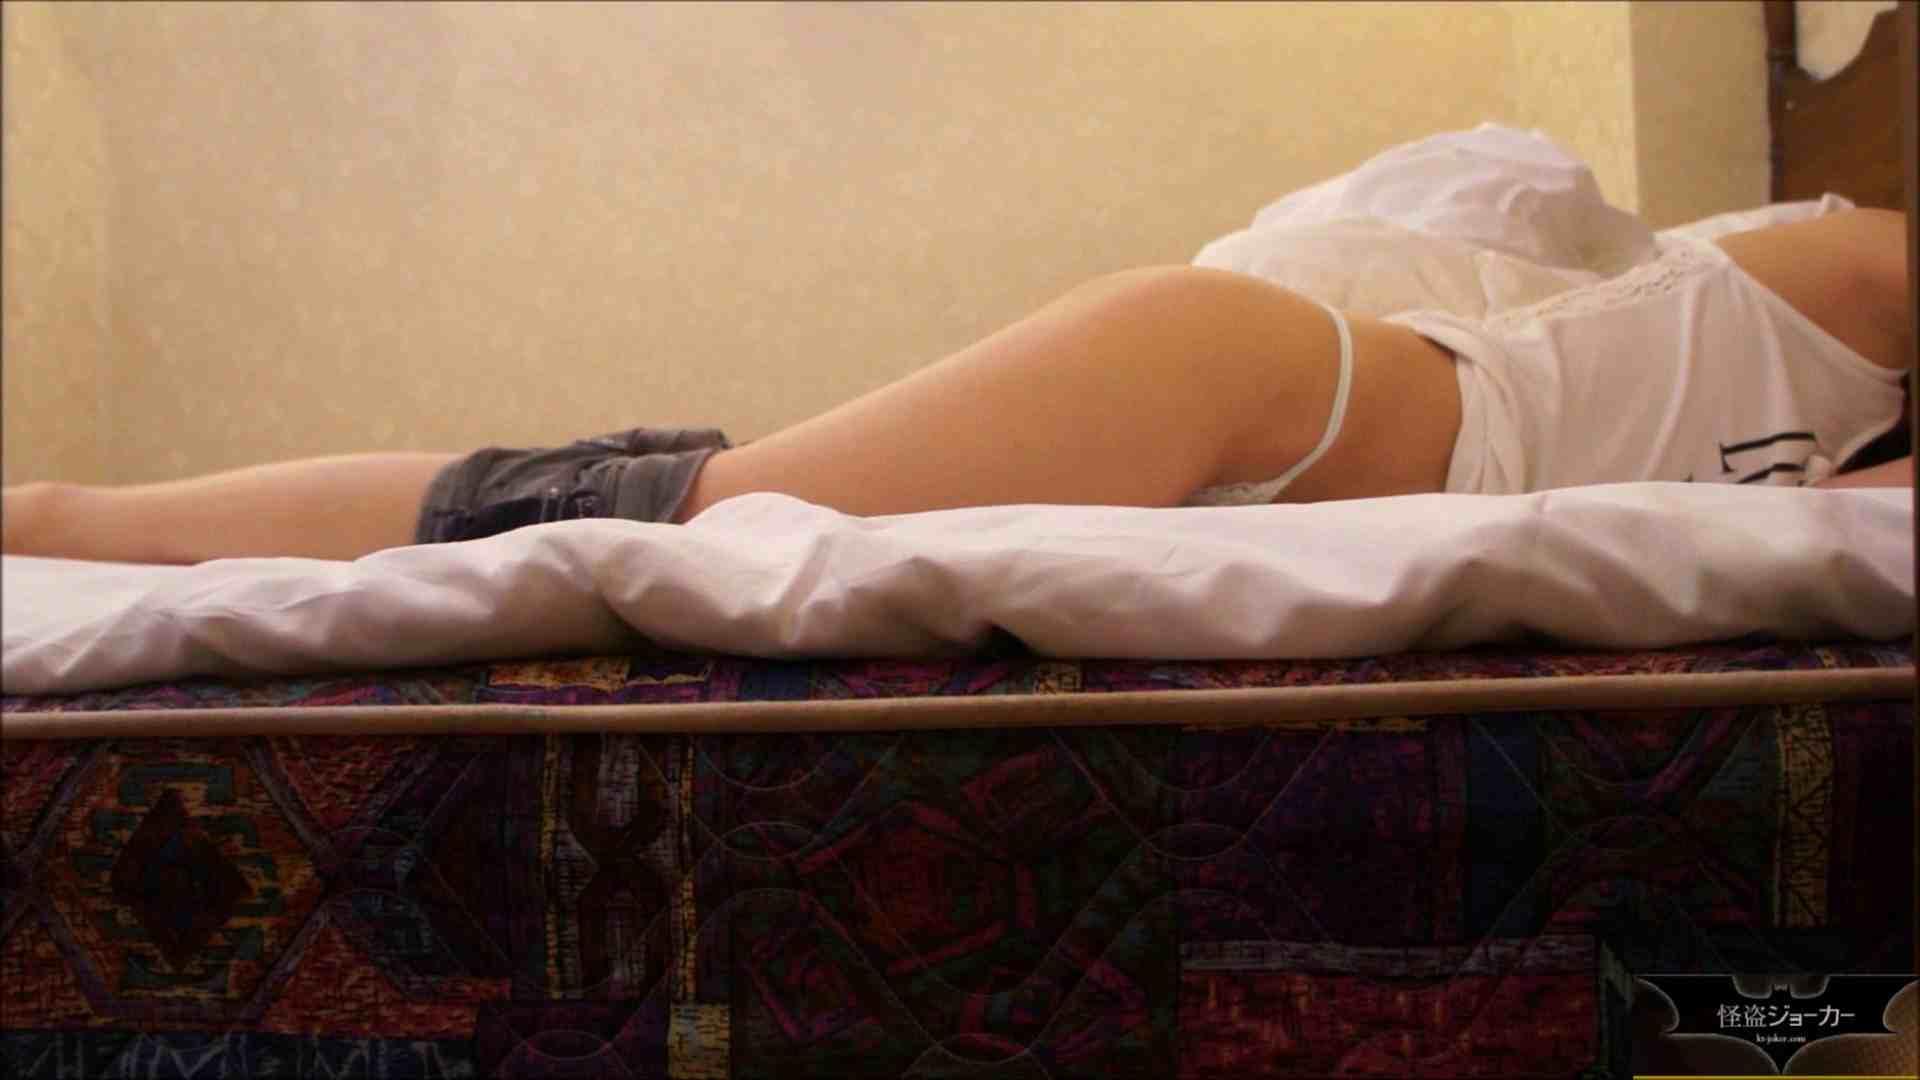 【未公開】vol.11 【美人若妻】早苗さん・・・誘われた夜。 美人 ワレメ動画紹介 100連発 83